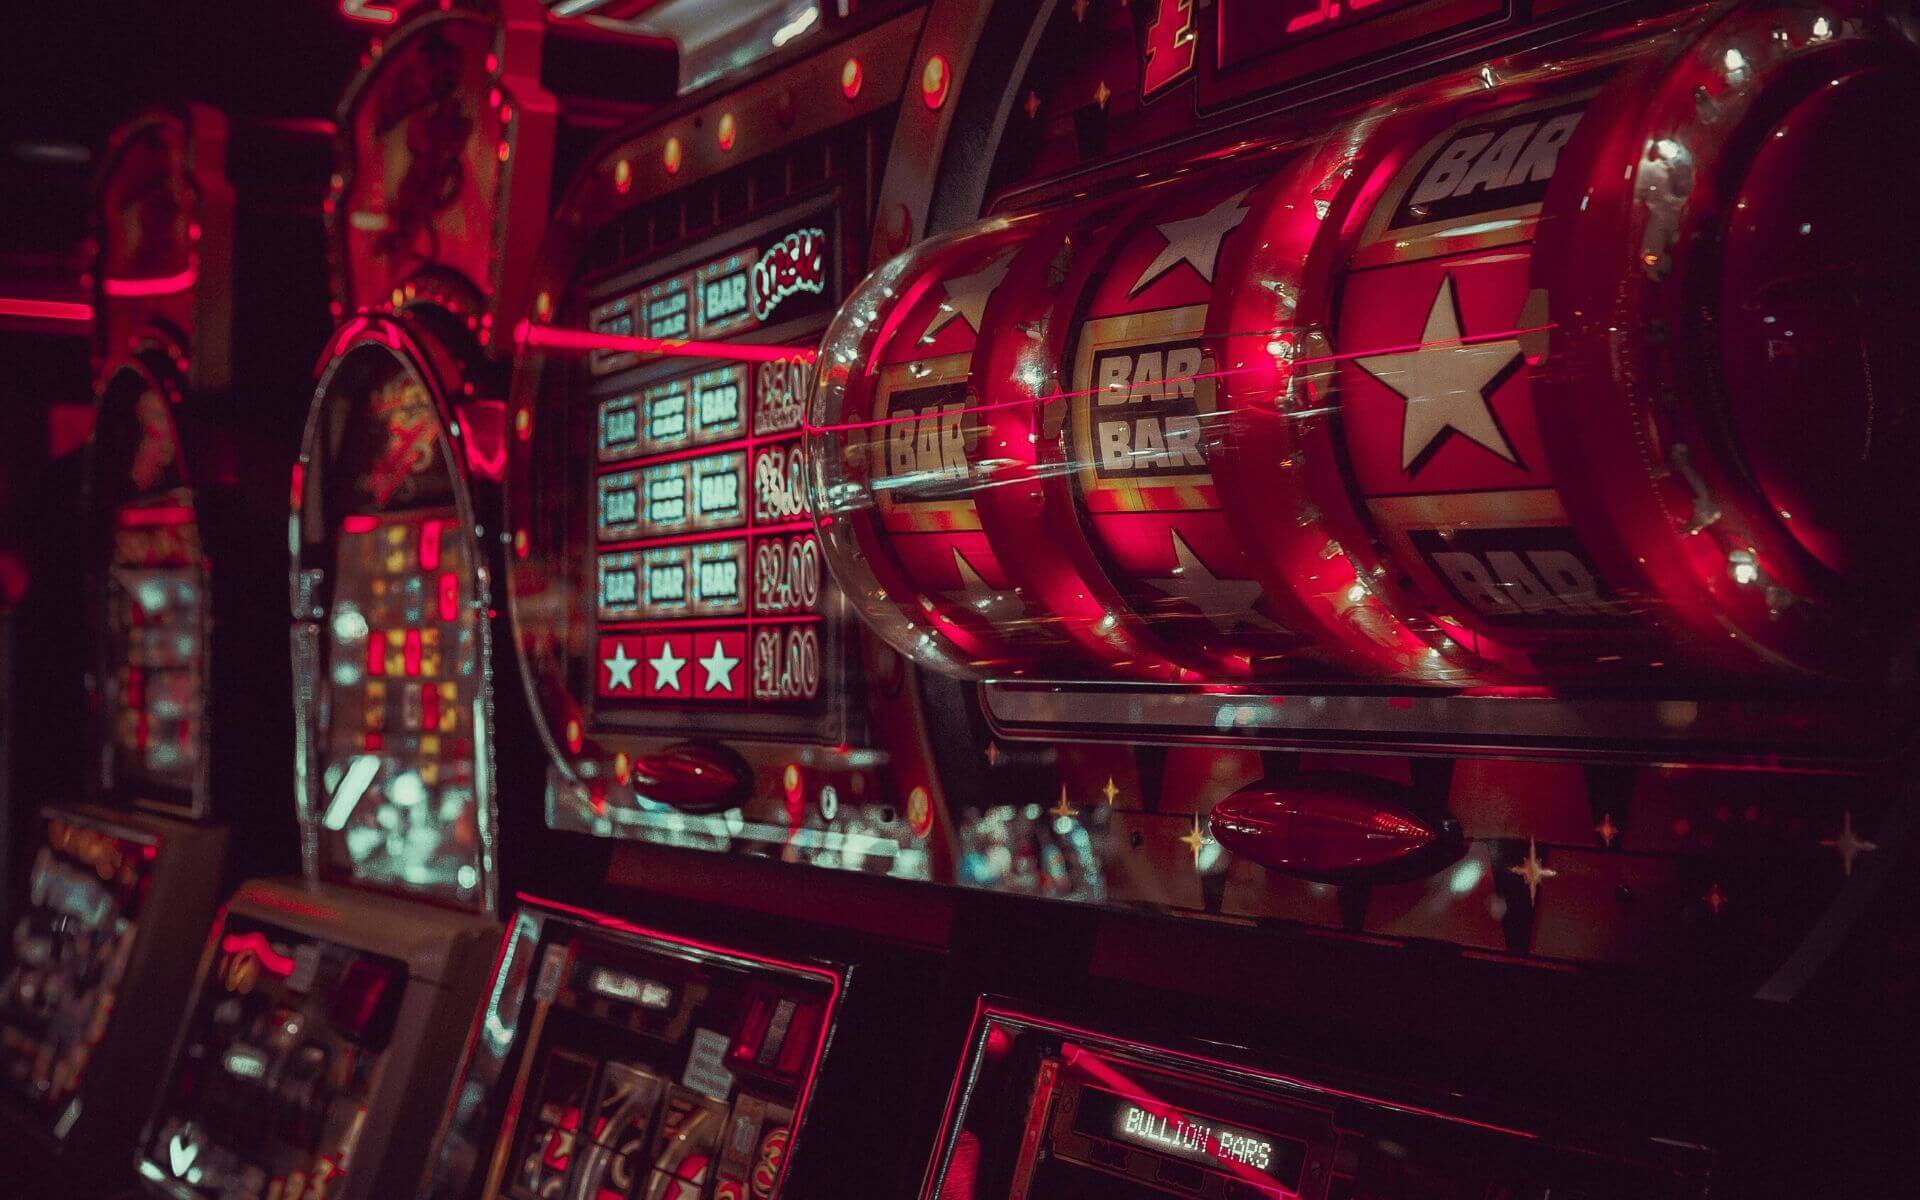 Blind Dates: Die Dating-Lotterie – 5 Tipps, damit es kein Fiasko wird!